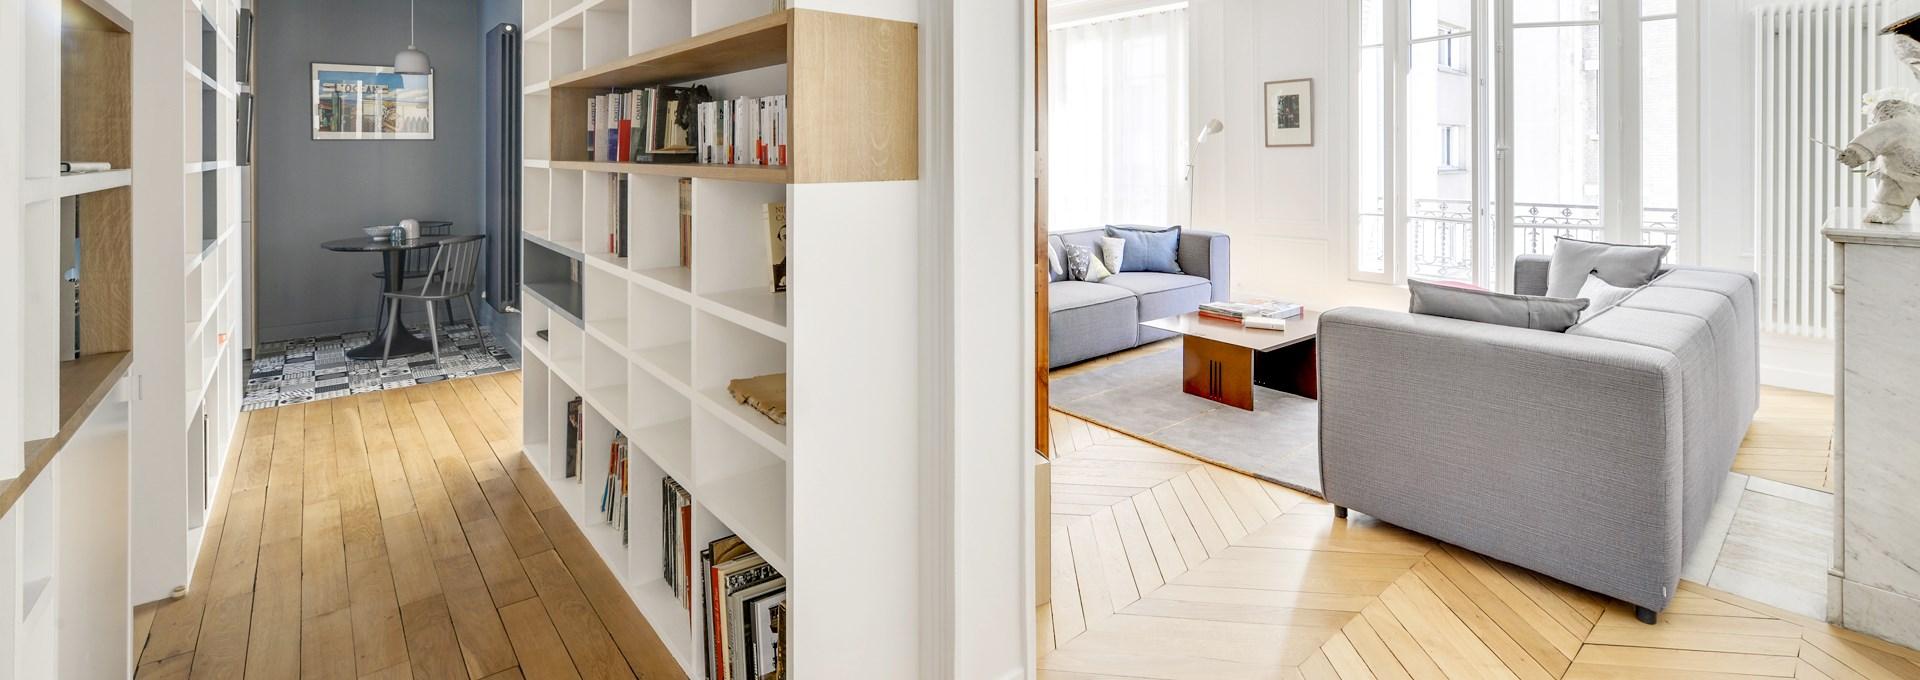 P_Agence-Avous-Renovation-Appartement-Haussmannien-Paris-Buttes-Chaumont-double-sejour-couloir